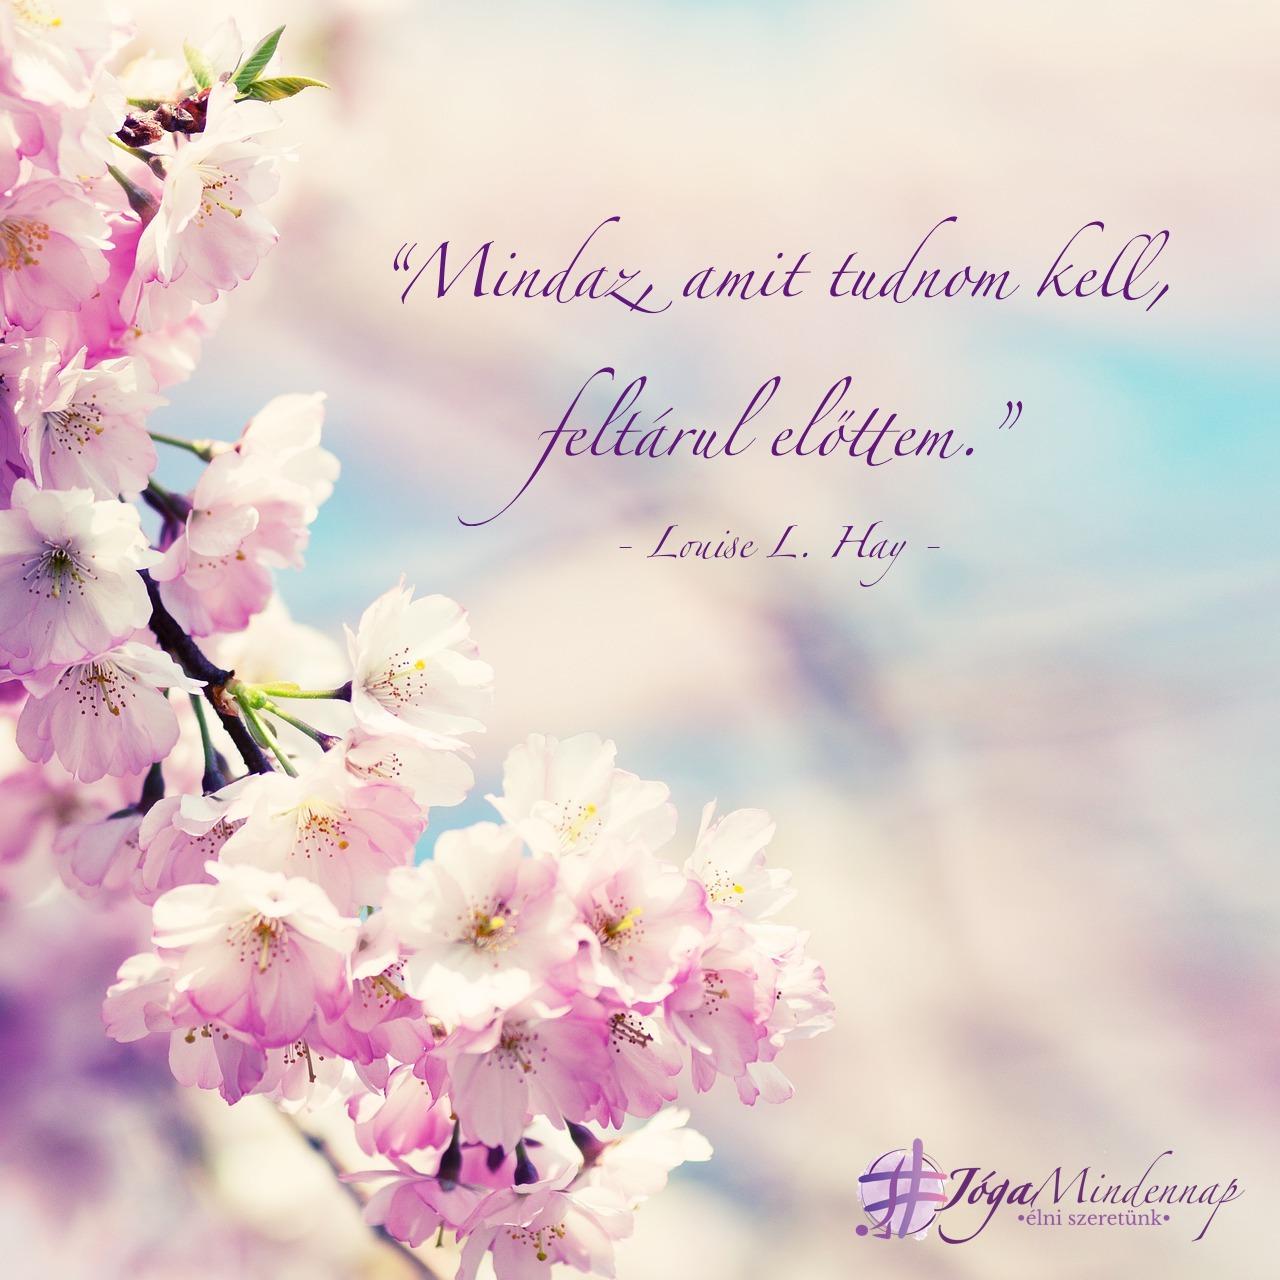 Mindaz, amit tudnom kell, feltárul előttem - Luoise Hay idézet - Jóga Mindennap megerősítés, motiváció, meditáció